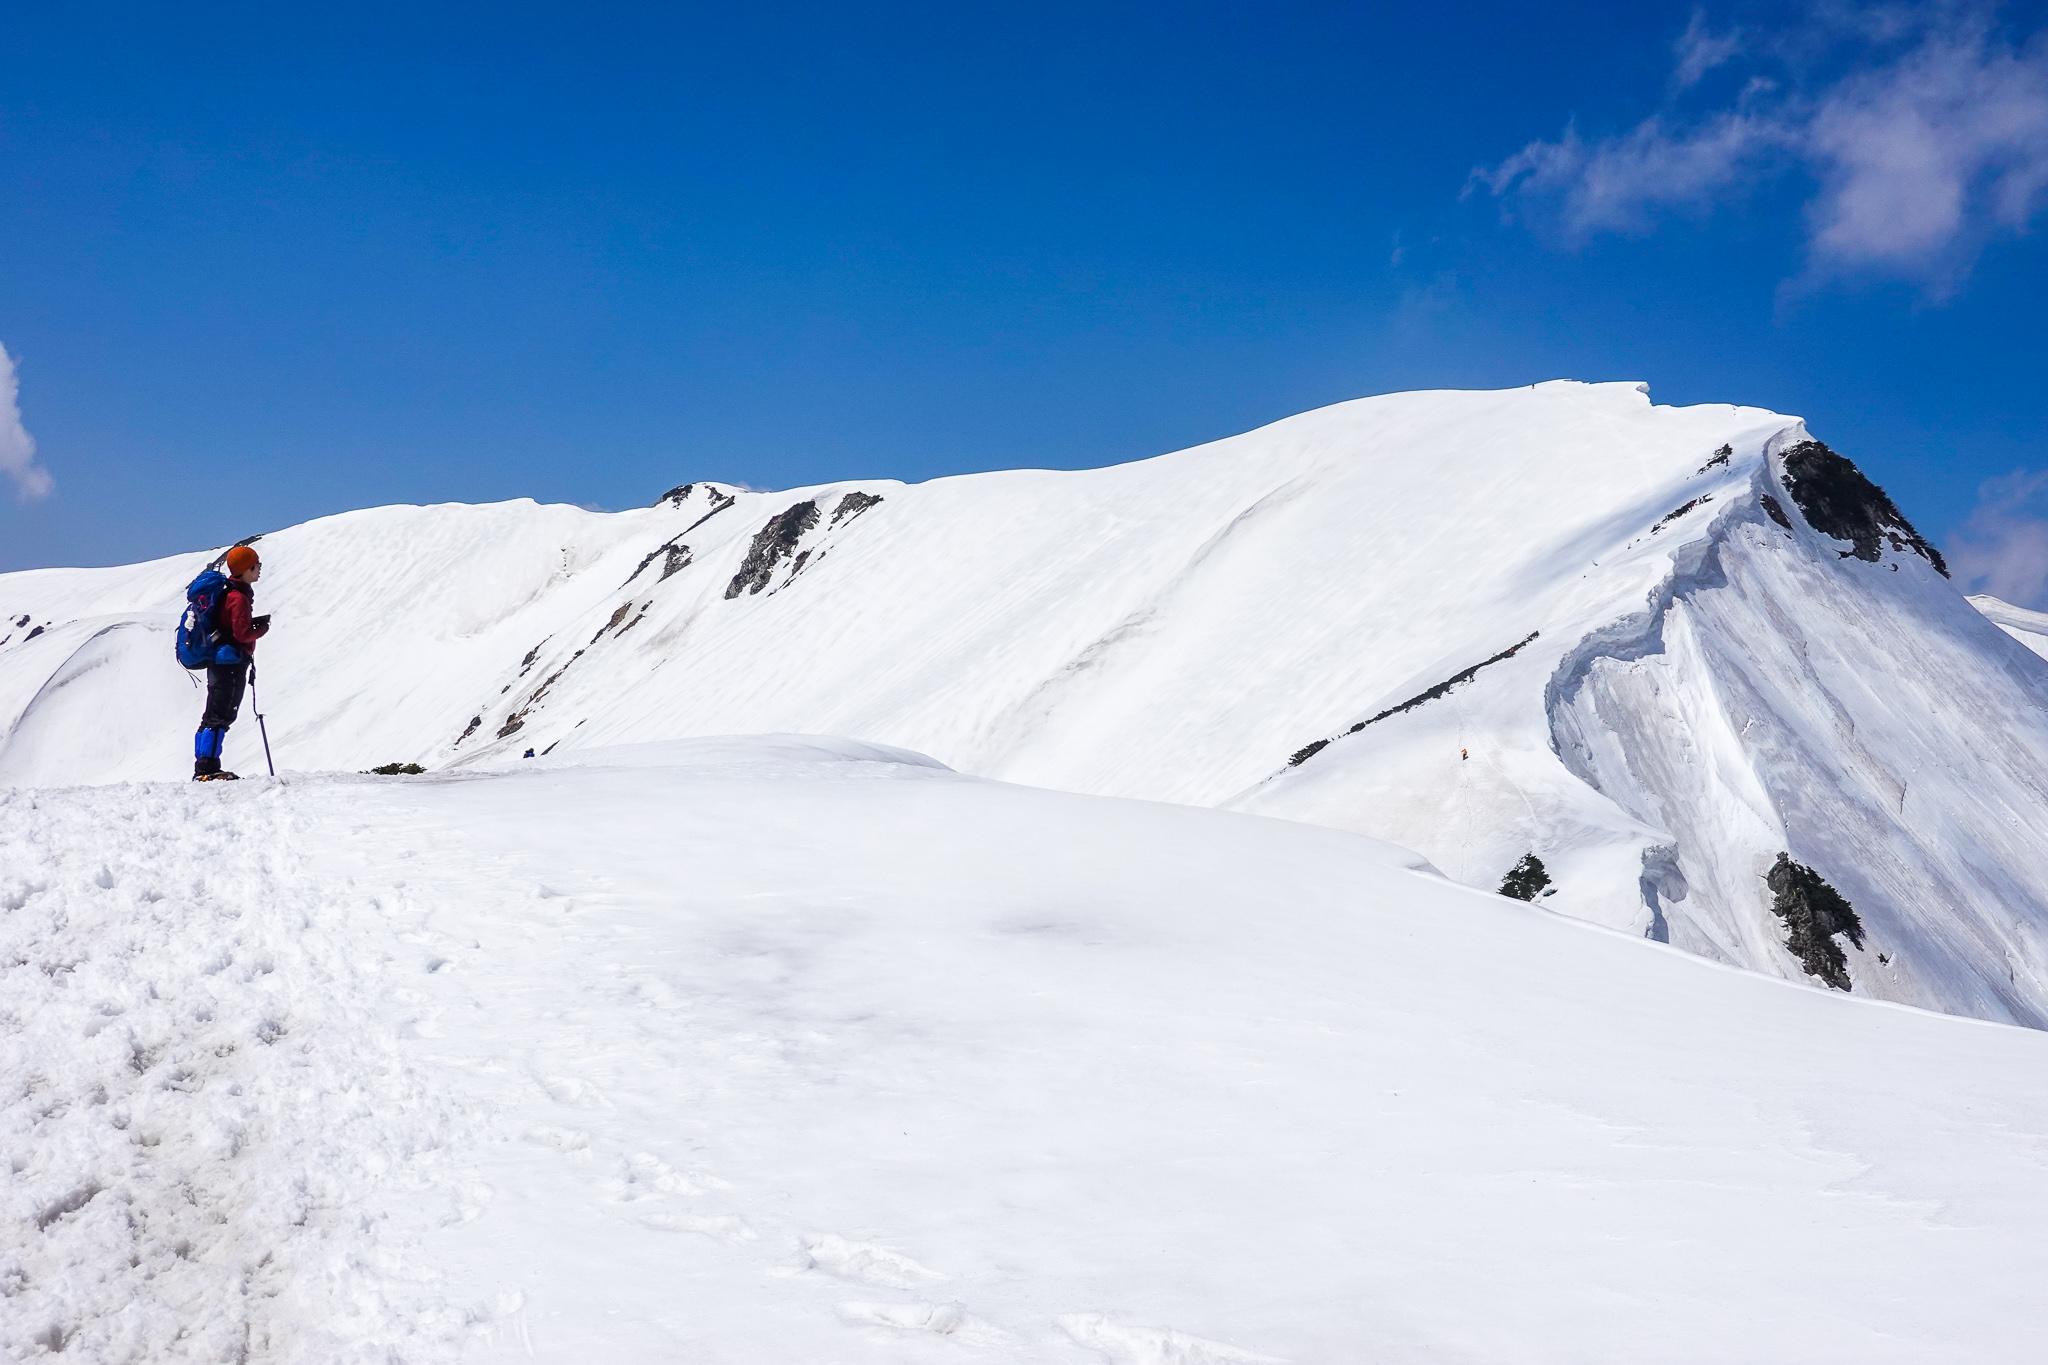 残雪期・奥大日岳・奥大日岳からの眺めはどうか!?